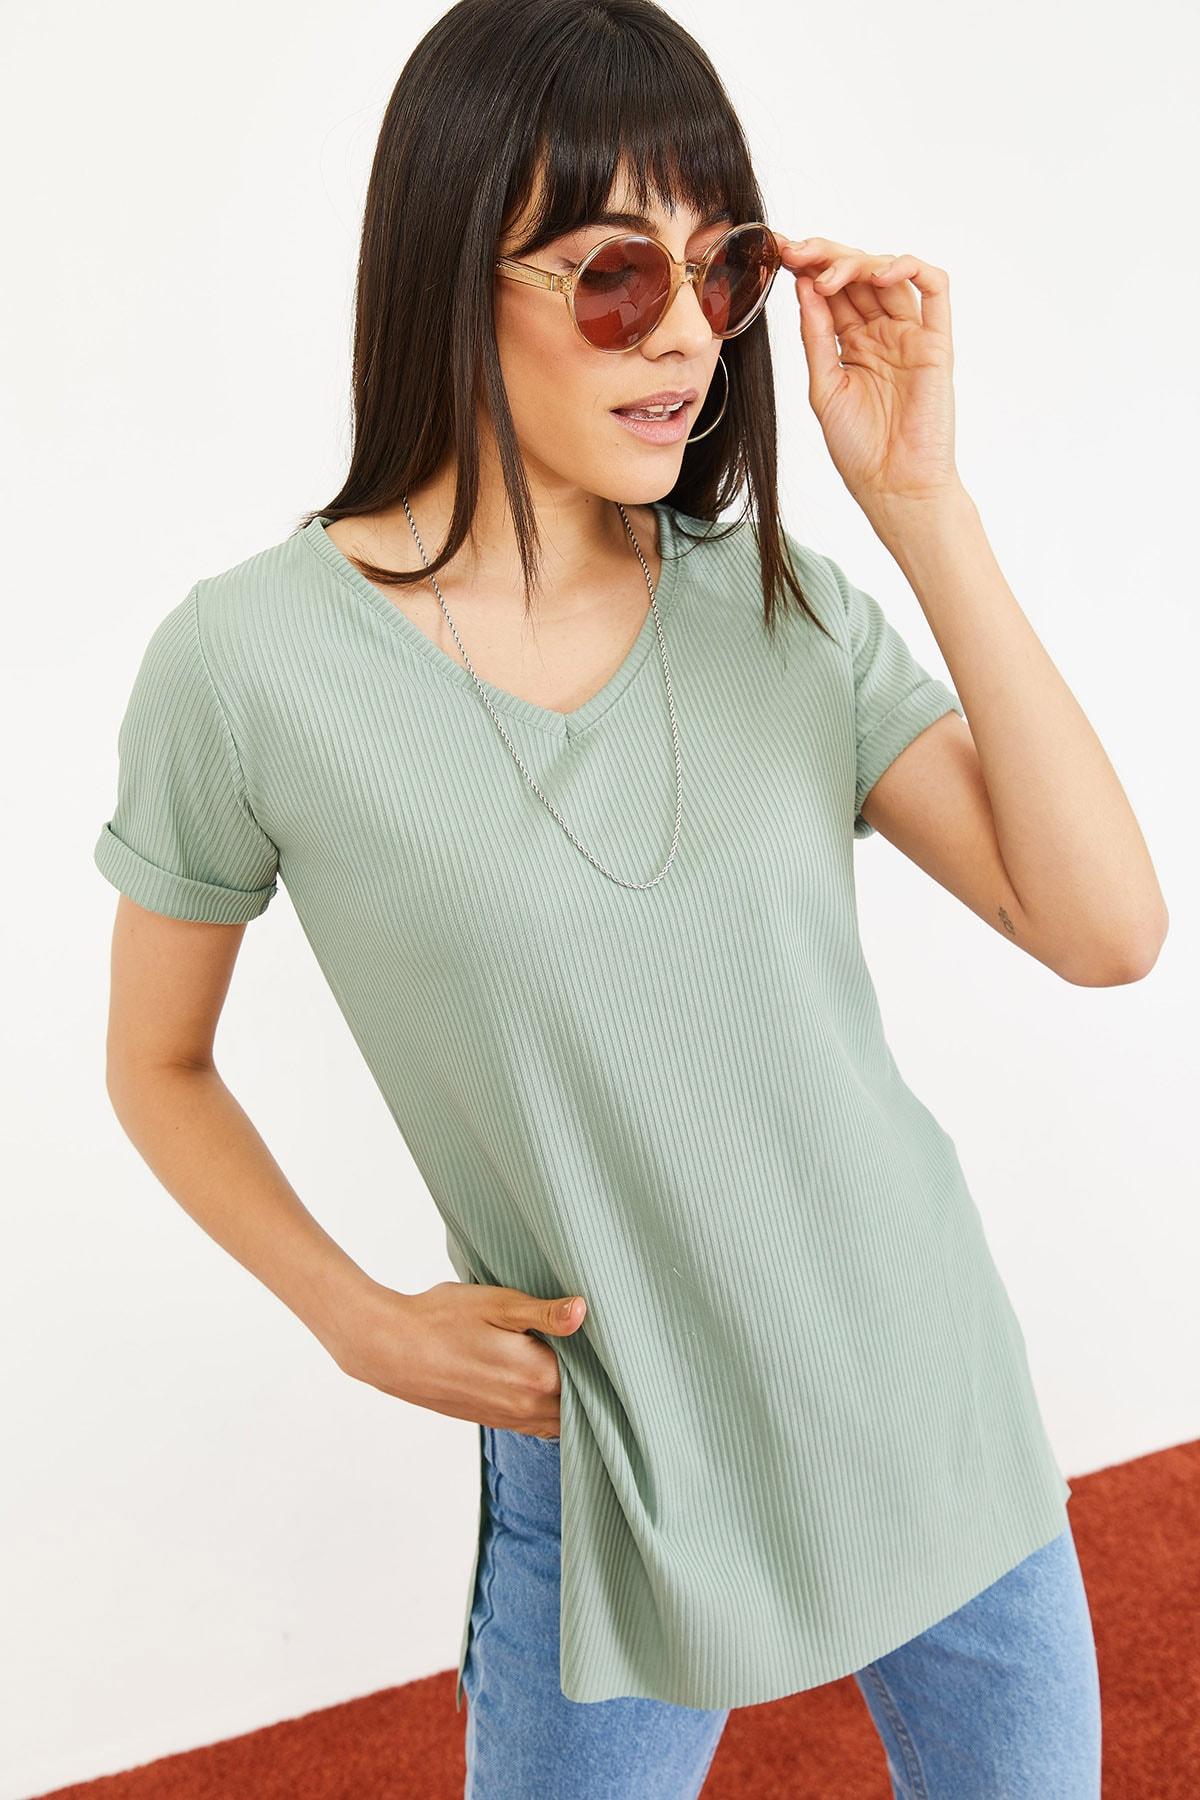 Bianco Lucci Kadın Mint Yeşili Kol Yan Yırtmaçlı Kol Detay Kaşkorse T-Shirt 10051012 3